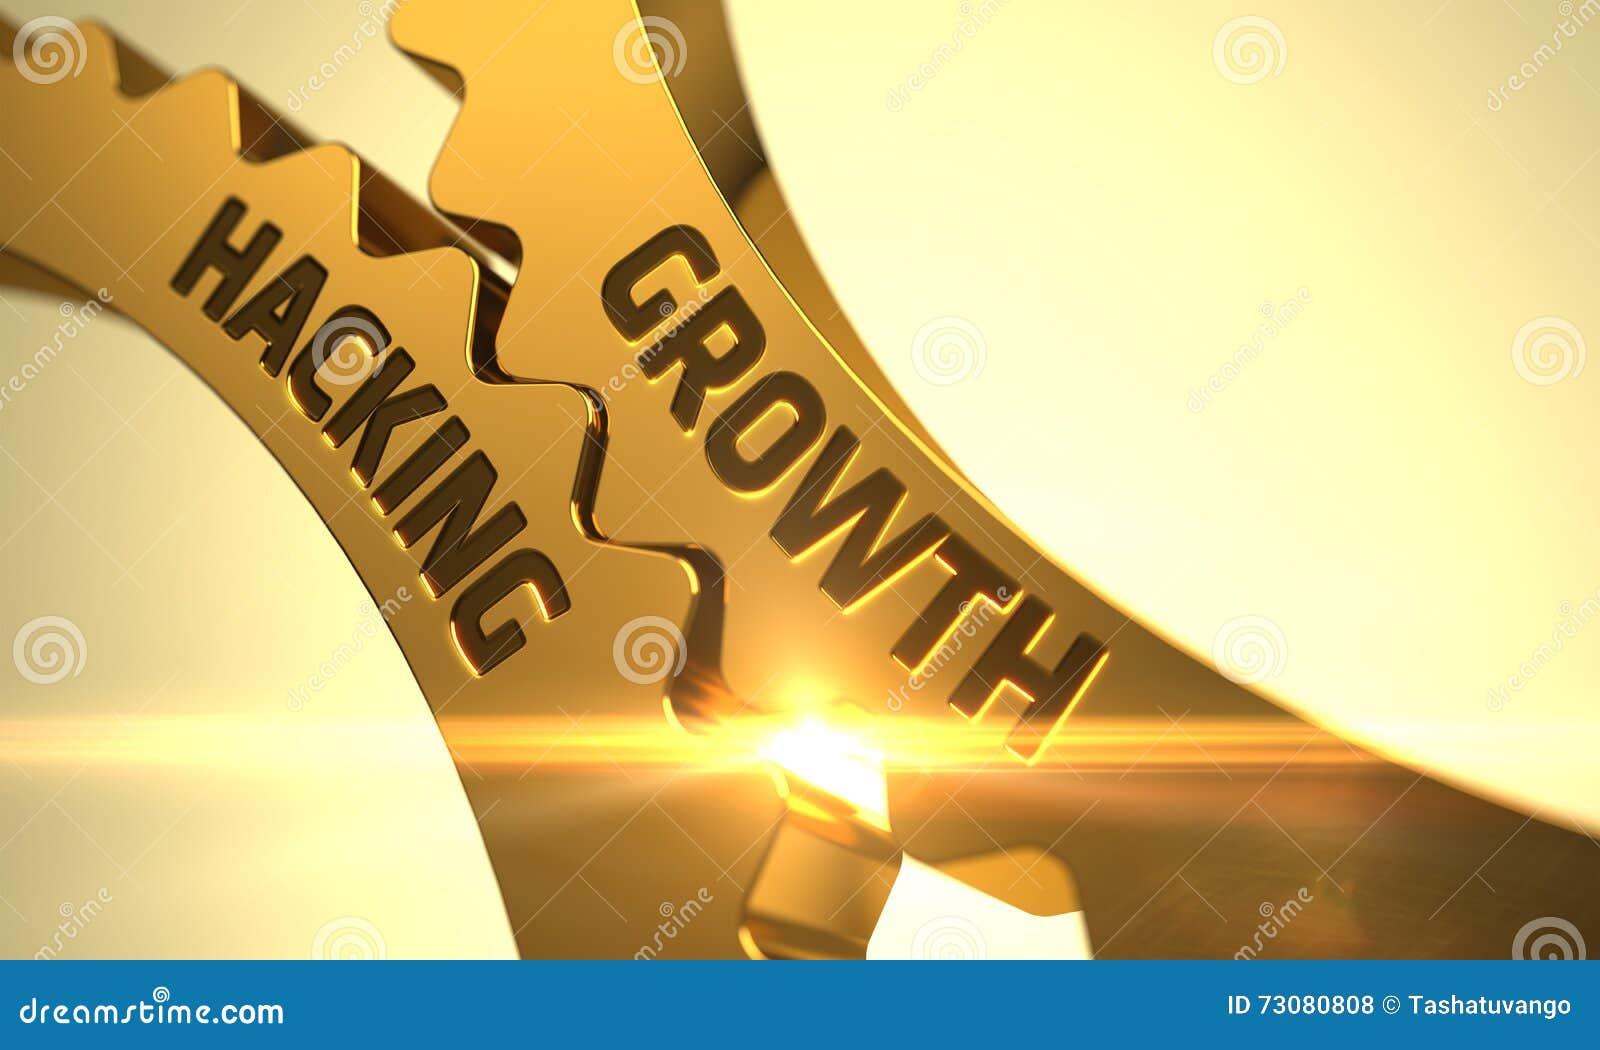 Crescimento que corta em rodas denteadas metálicas douradas